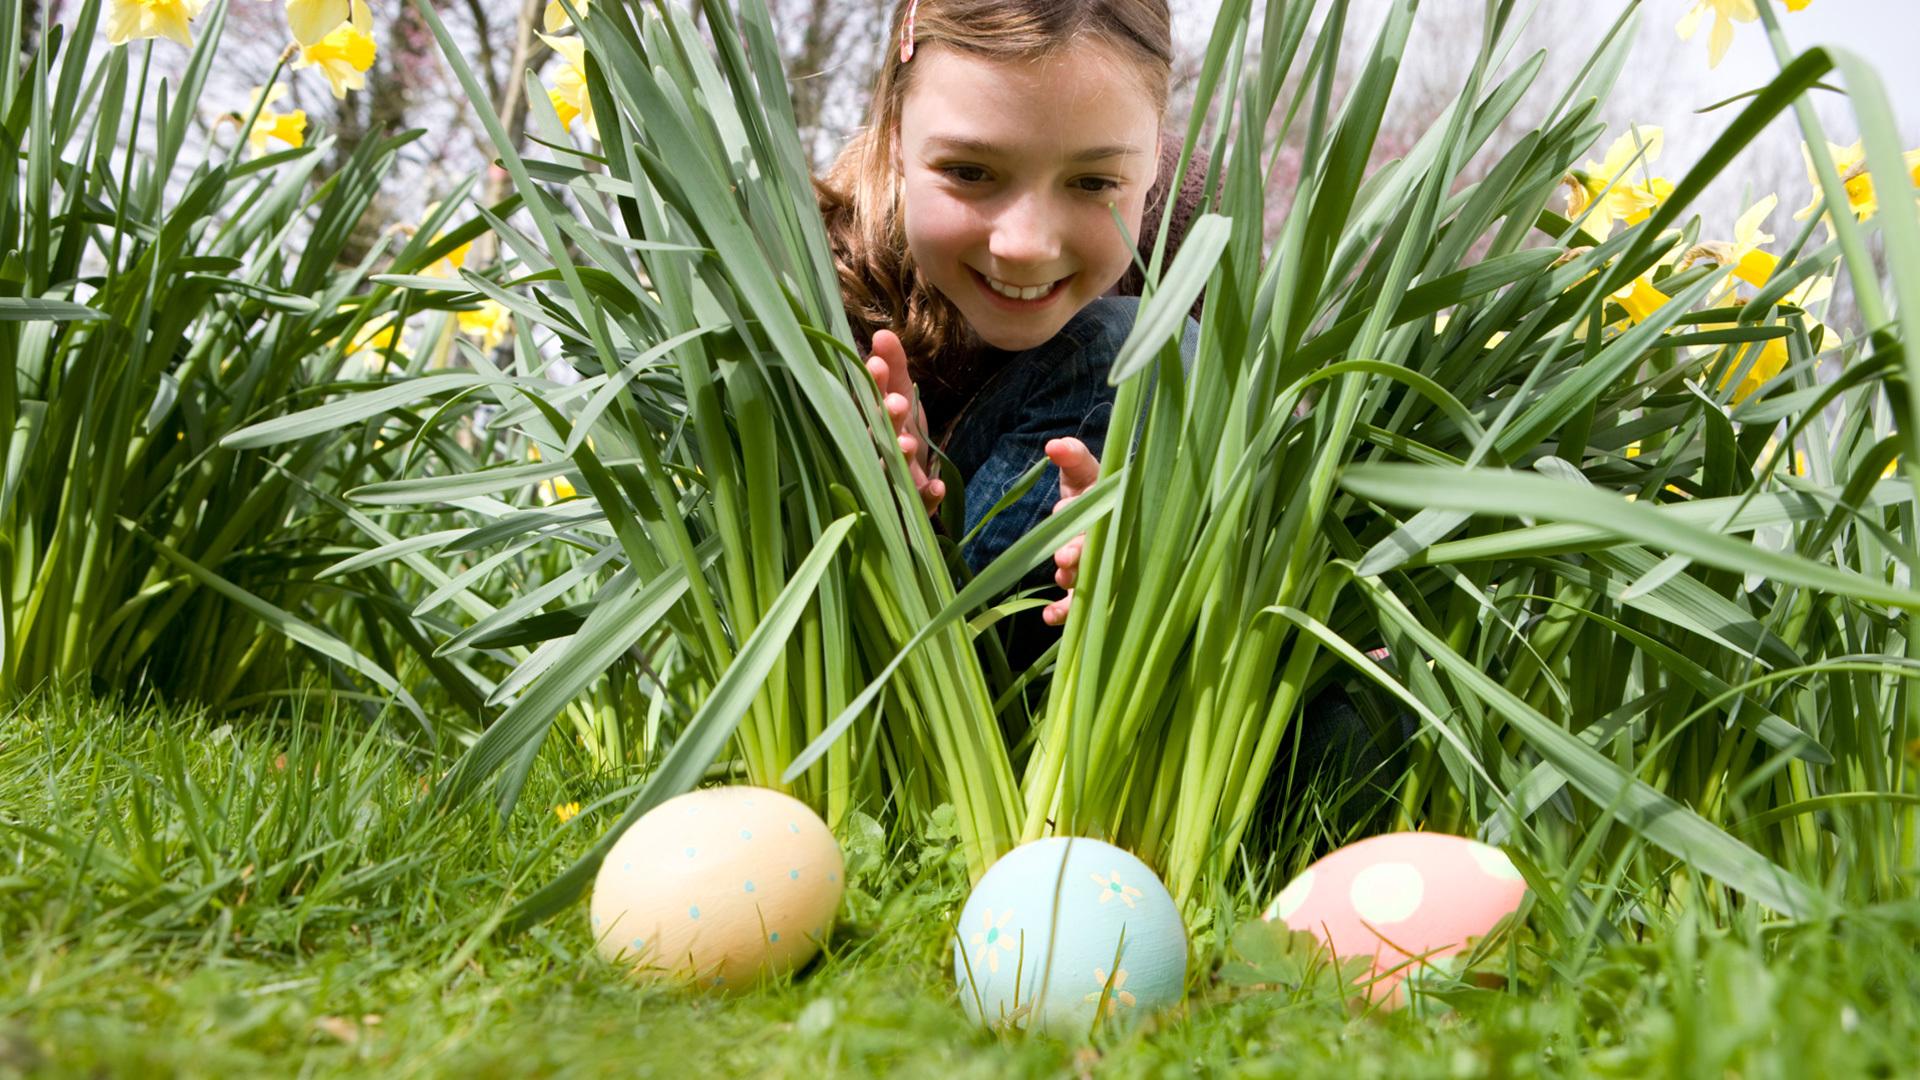 tojáskereső kislány